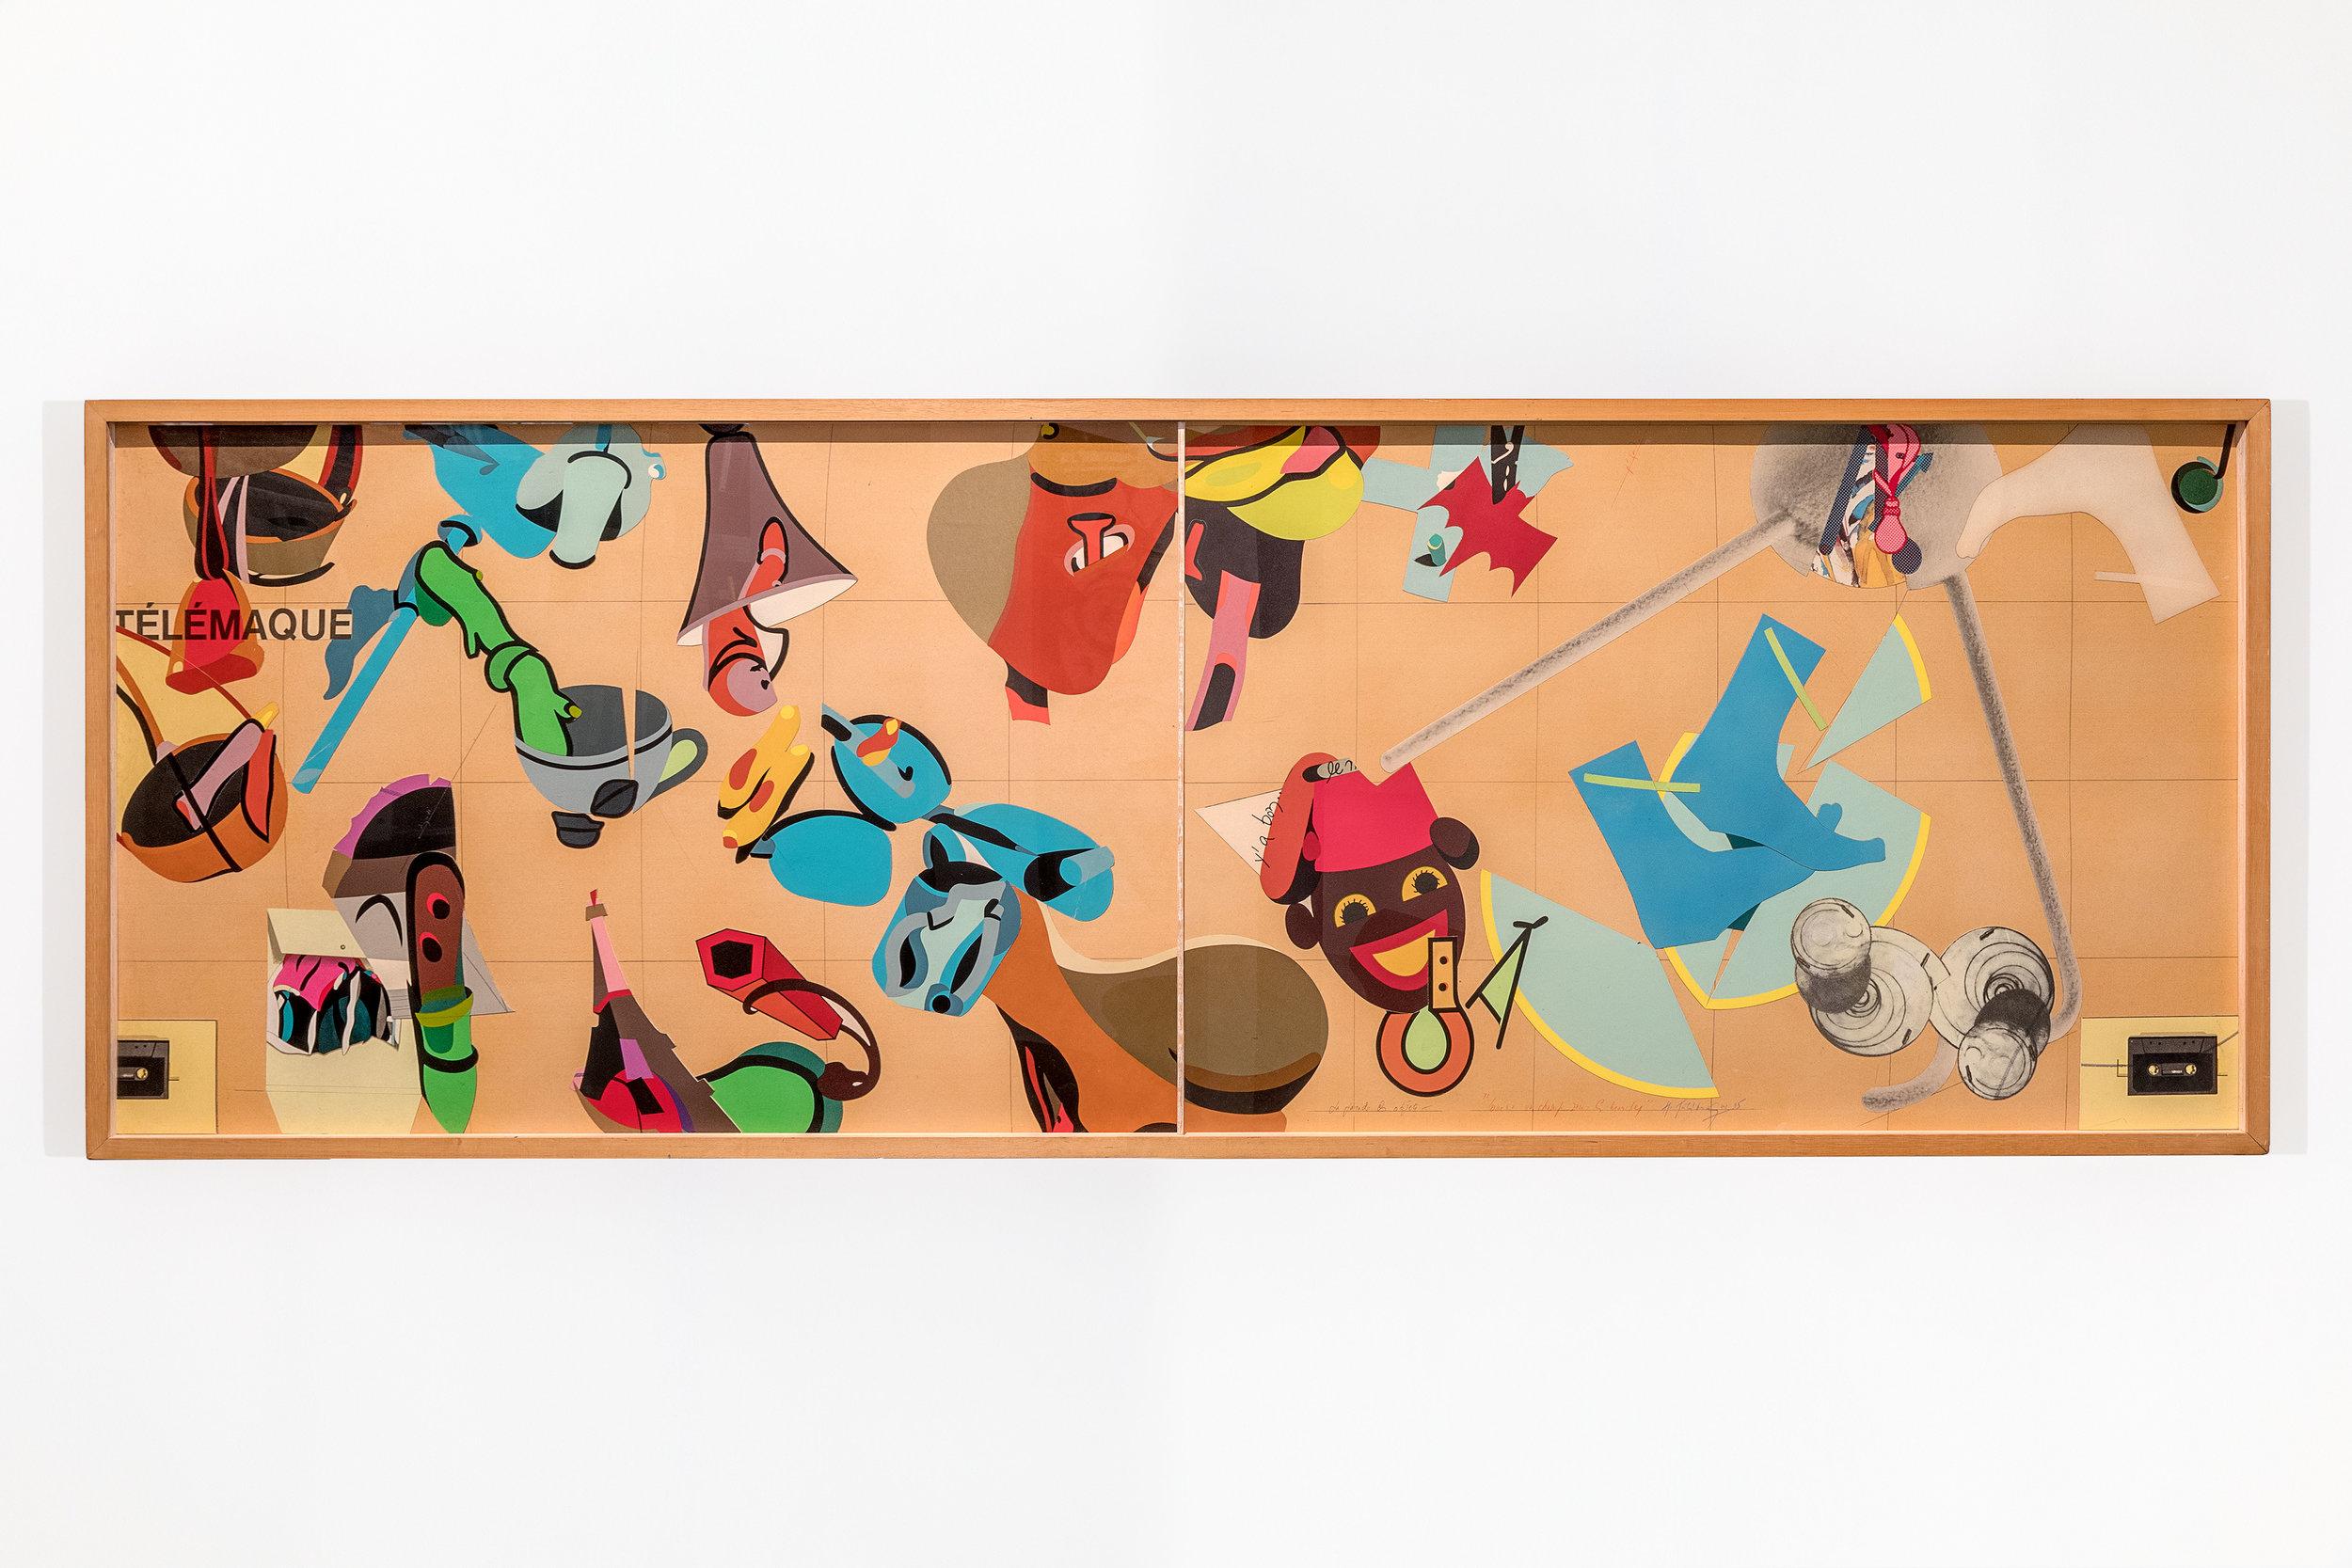 La Parade des objets, 1995, Collage, 80x230 cm